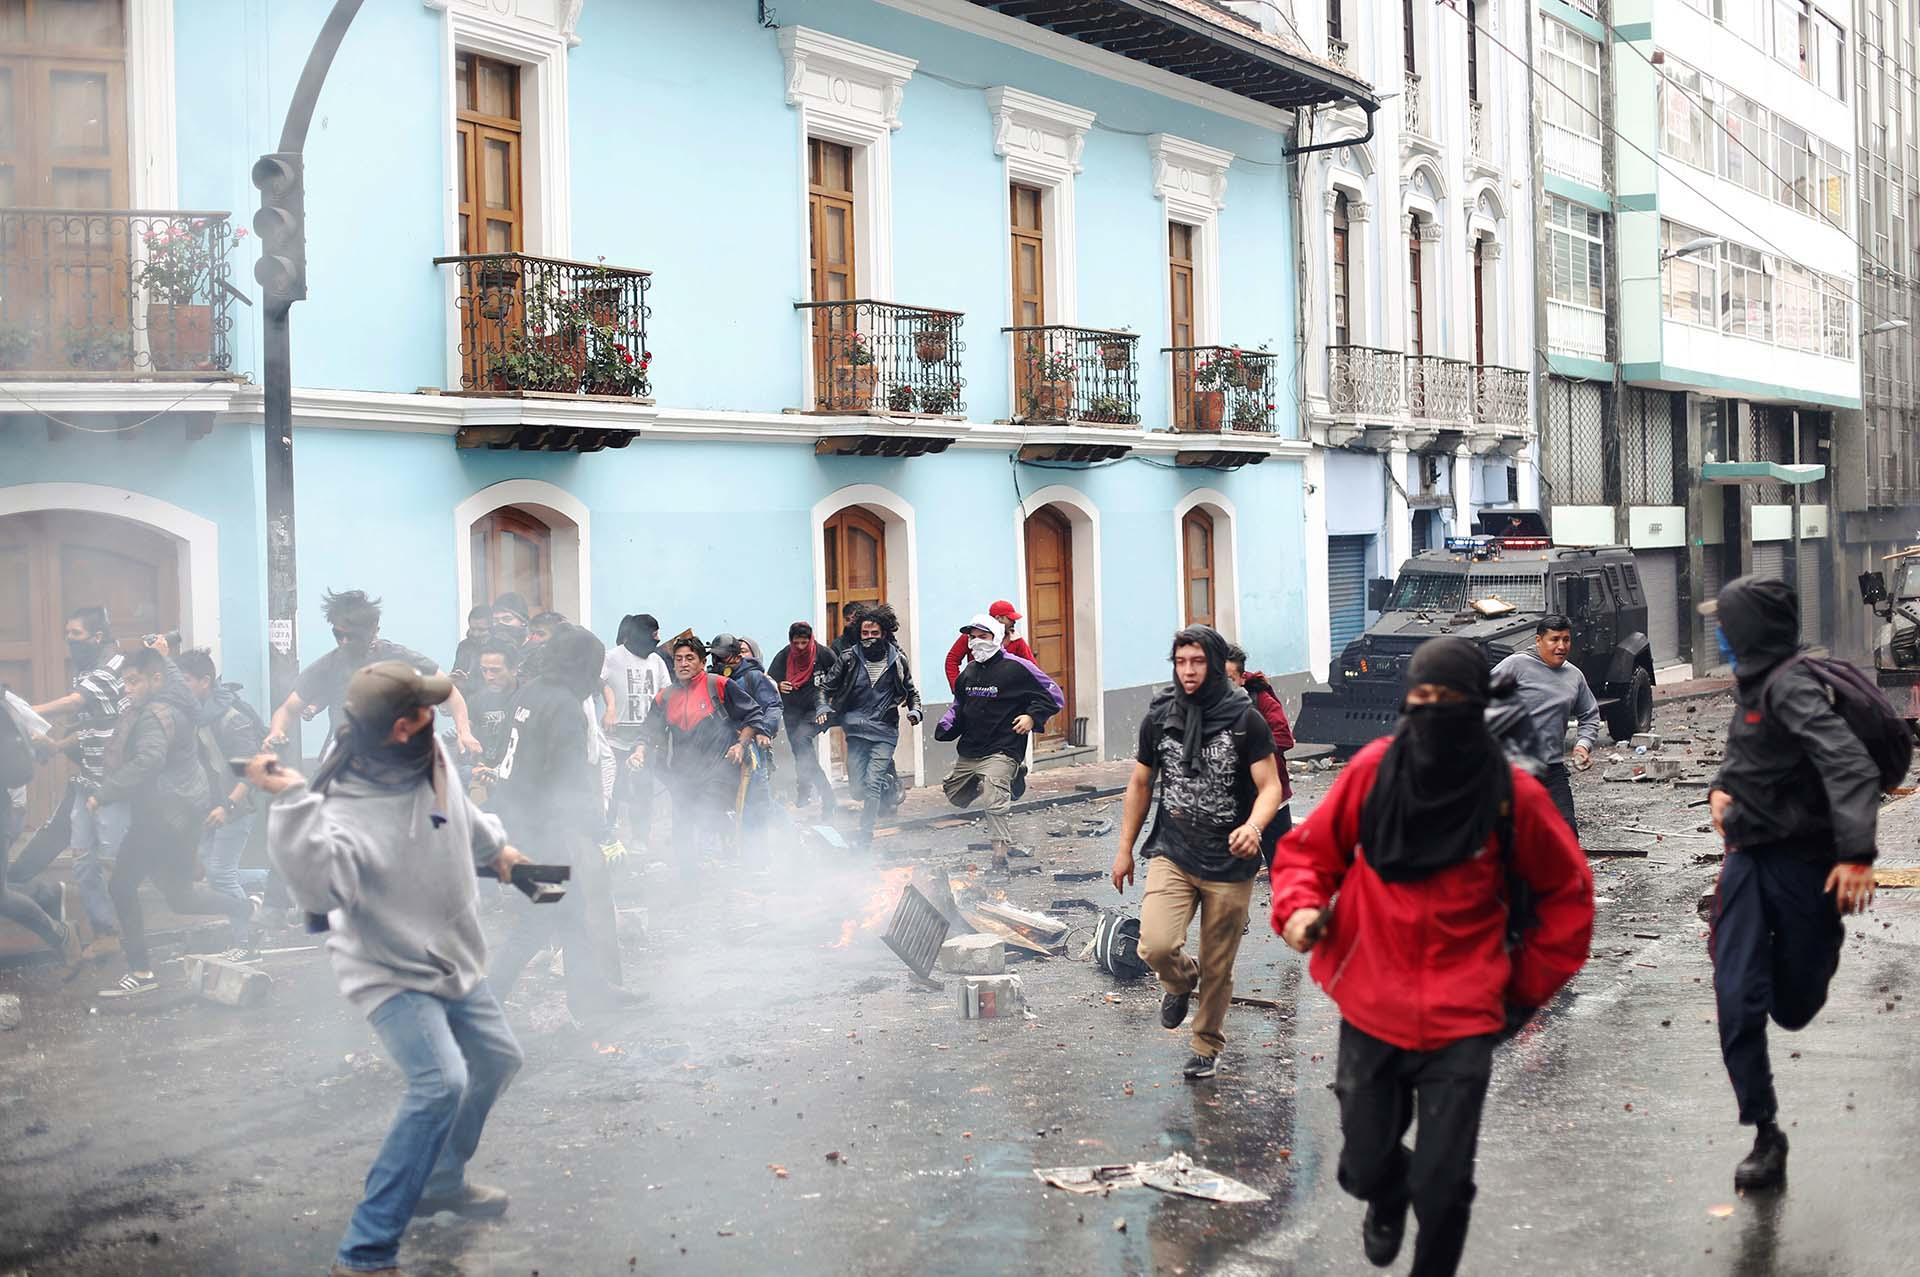 La policía dispersó a los manifestantes con gases lacrimógenos (REUTERS/Daniel Tapia)